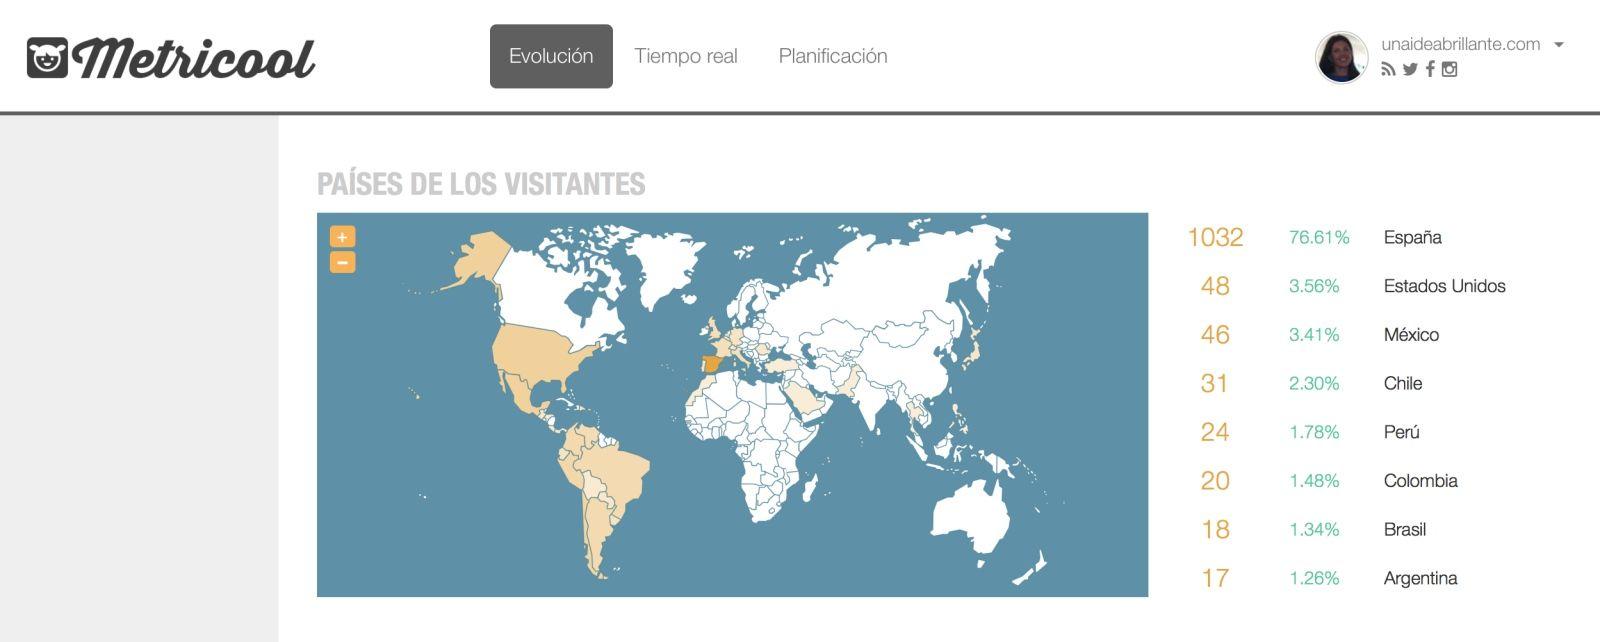 Metricool Paises de los visitantes al blog Unaideabrillante